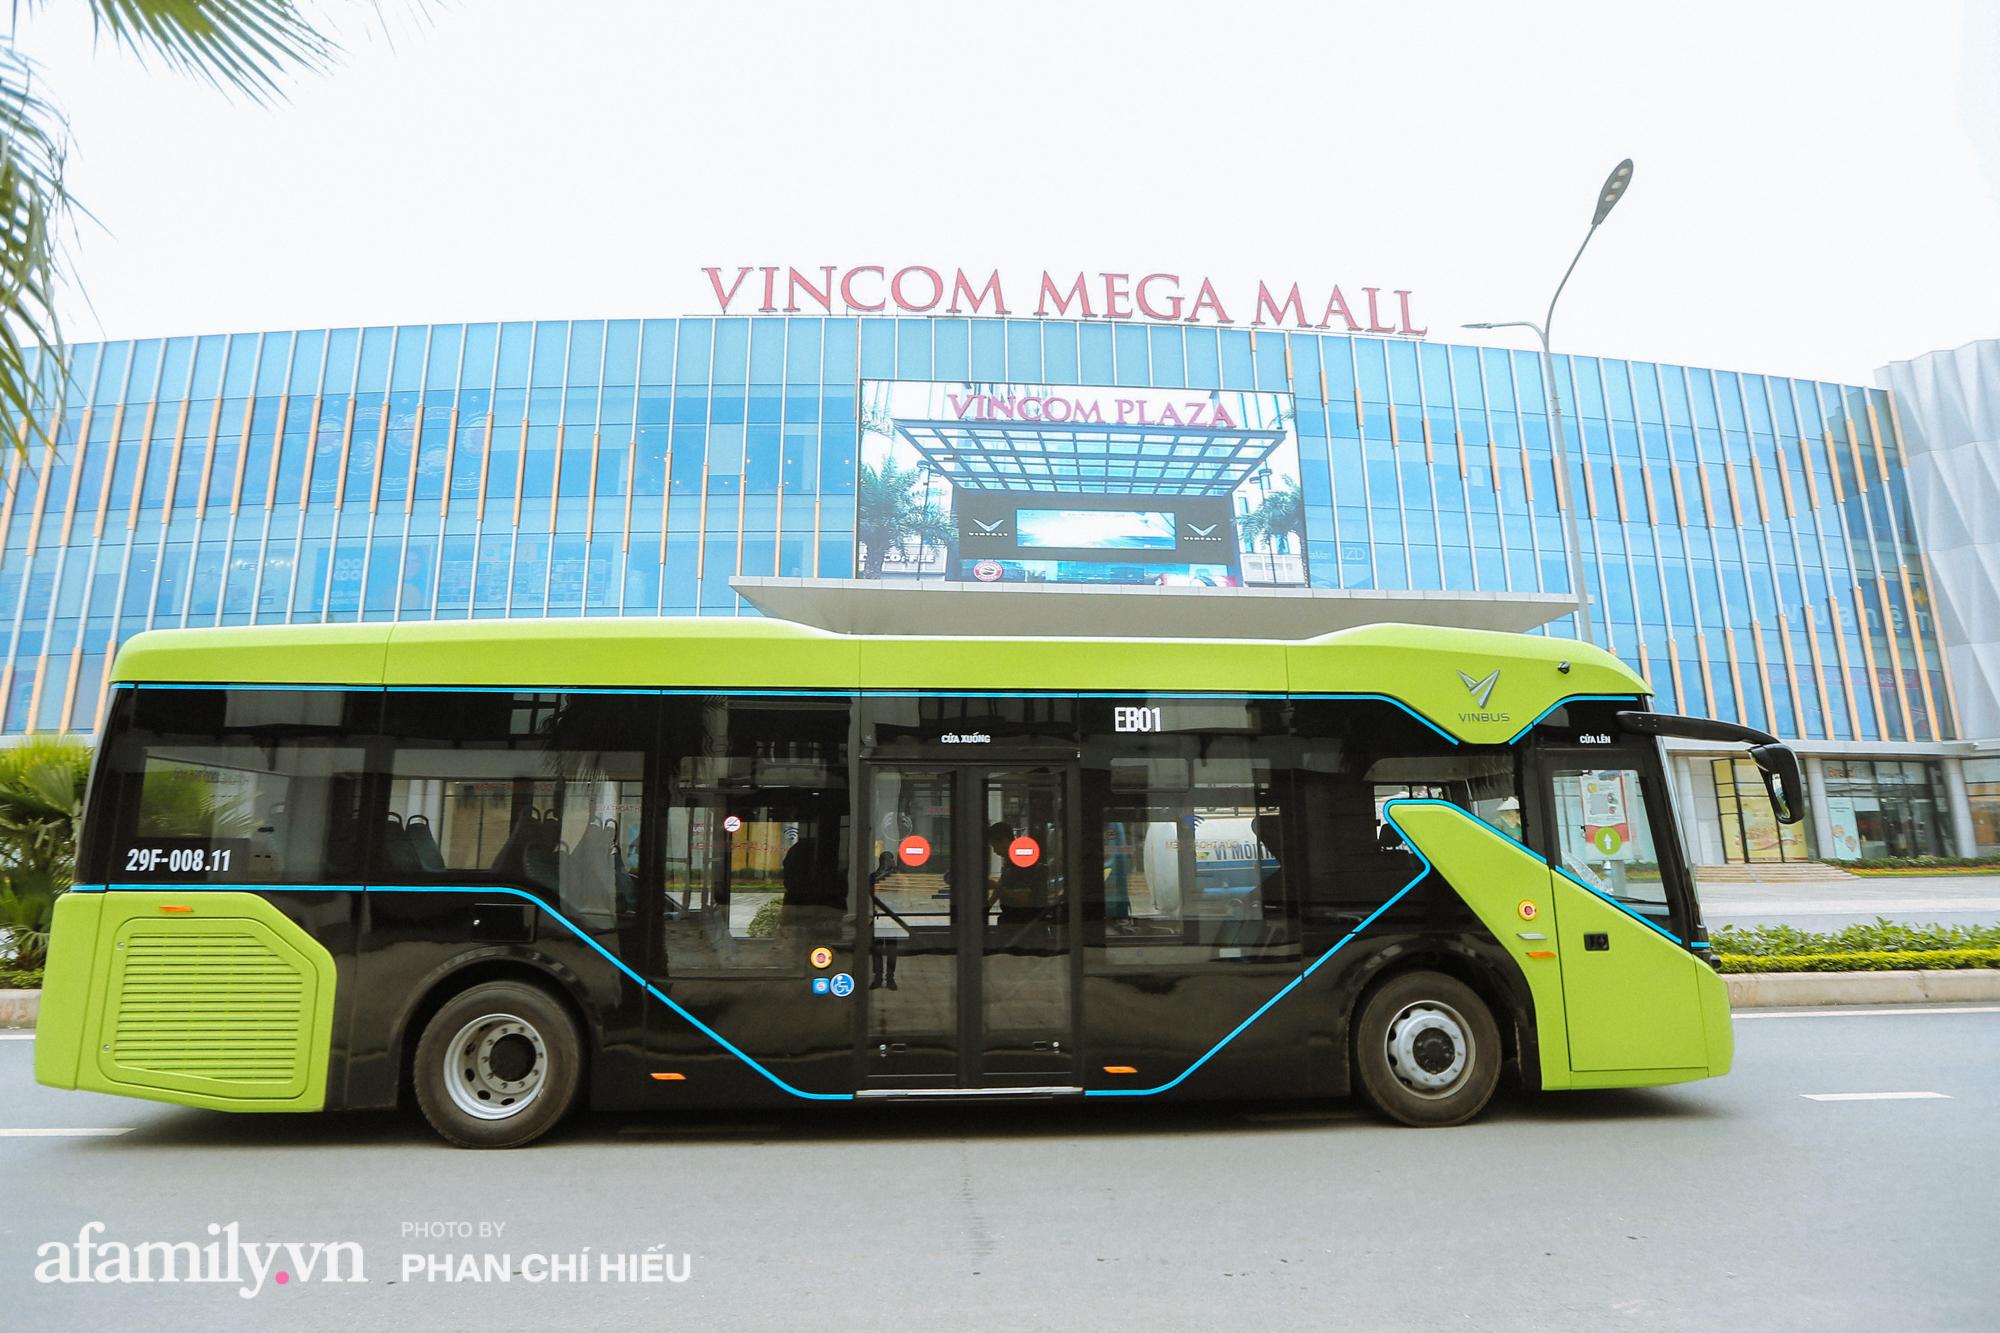 Khám phá tuyến xe buýt điện đầu tiên tại Hà Nội, sử dụng nguồn năng lượng vô tận từ năng lượng mặt trời, xe đủ thử trang bị tiện ích chẳng kém gì những chiếc xế hộp xịn xò - Ảnh 2.